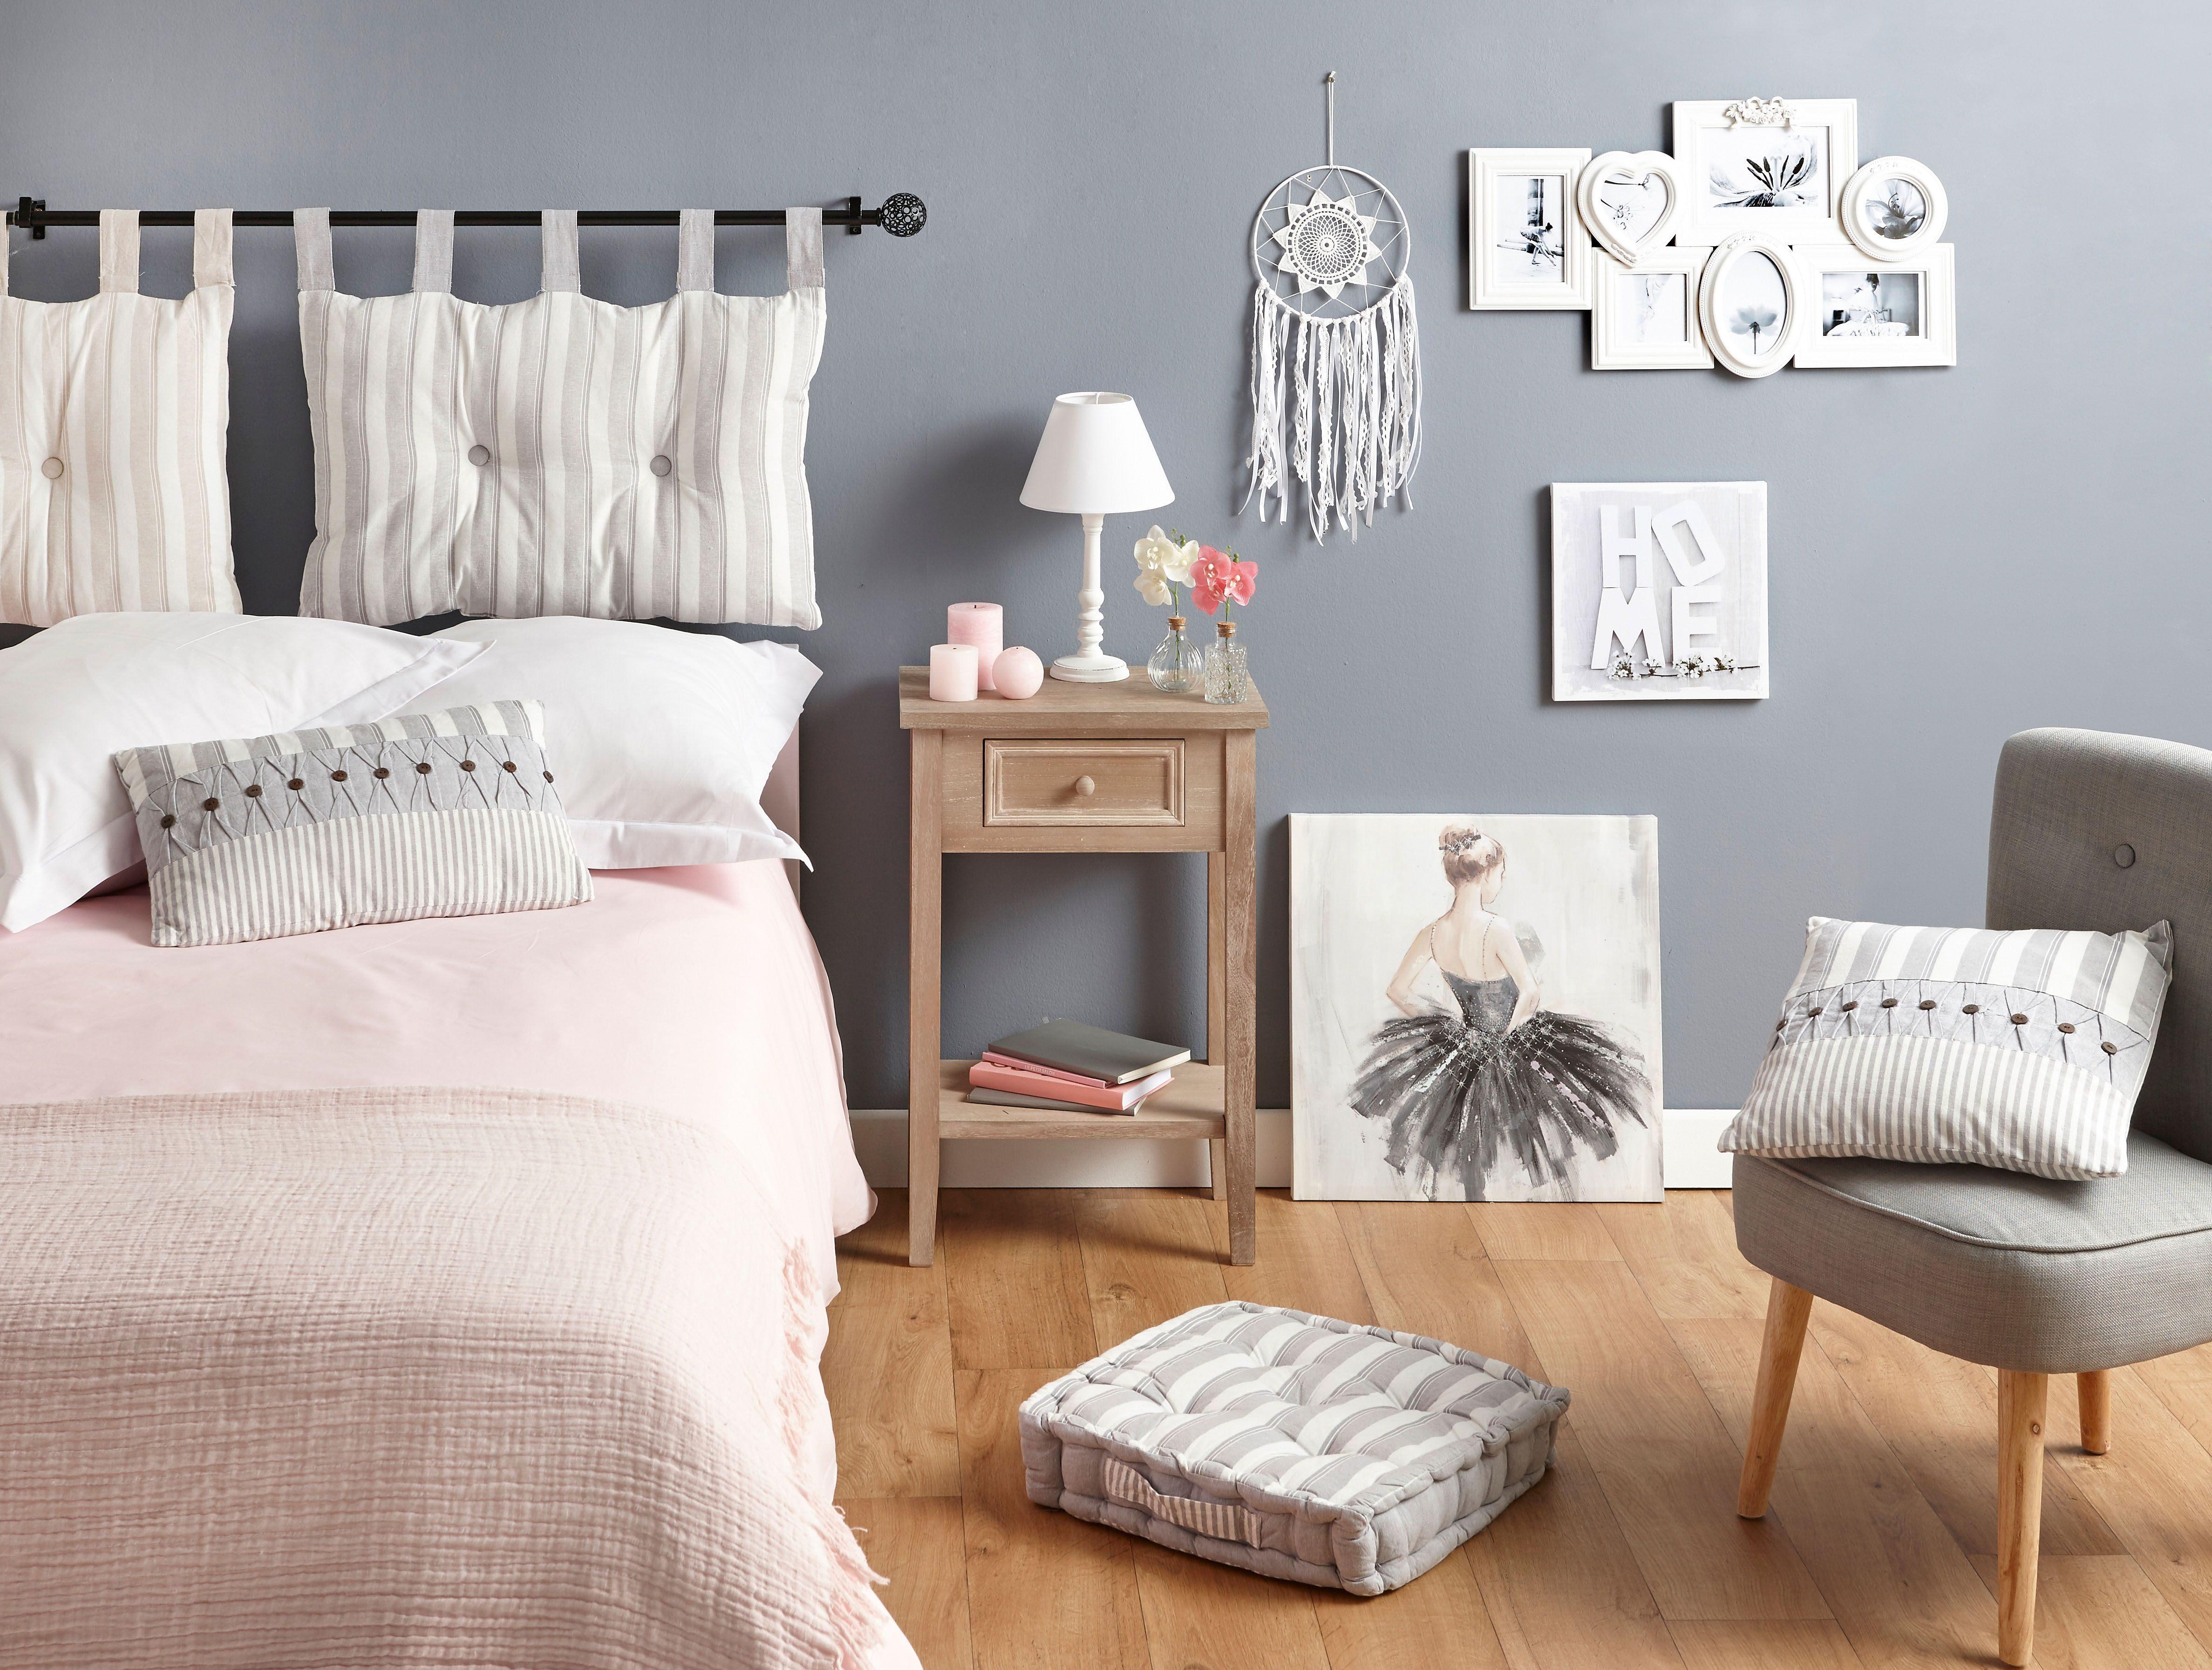 Tete De Lit Dehoussable Fraîche attirant Coussin De sol Design Et Coussin Ikea Exterieur Luxe Image